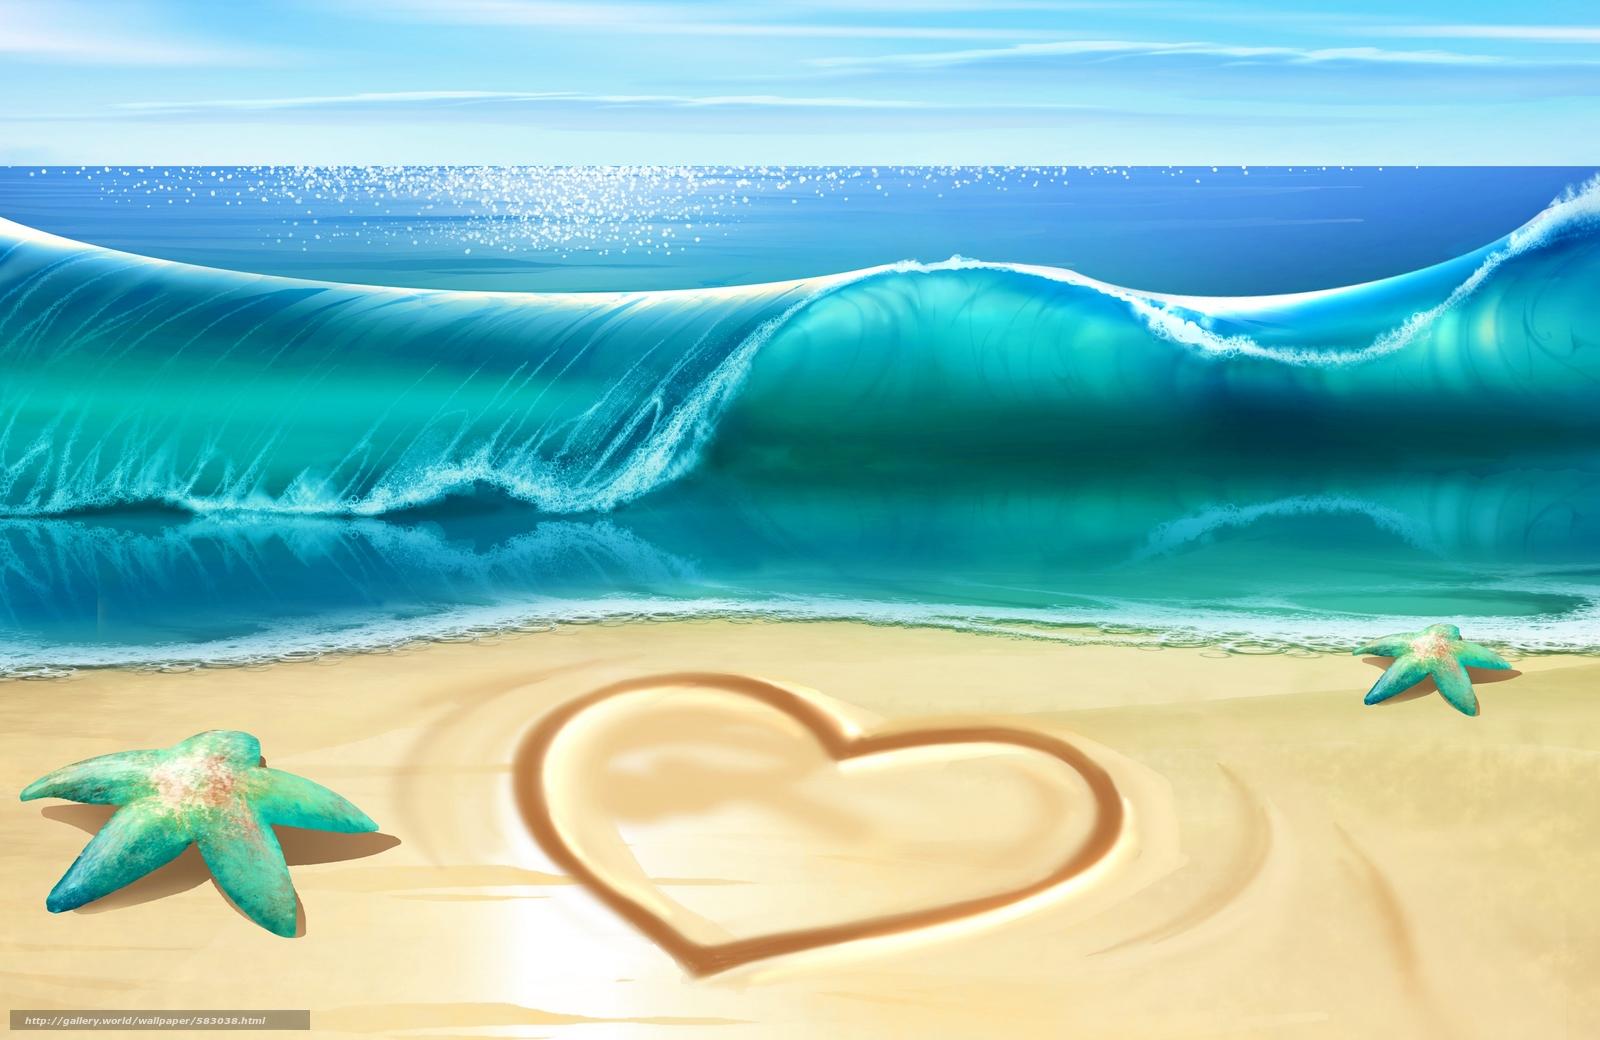 Scaricare gli sfondi cuore stelle marine mare spiaggia for Foto per desktop mare